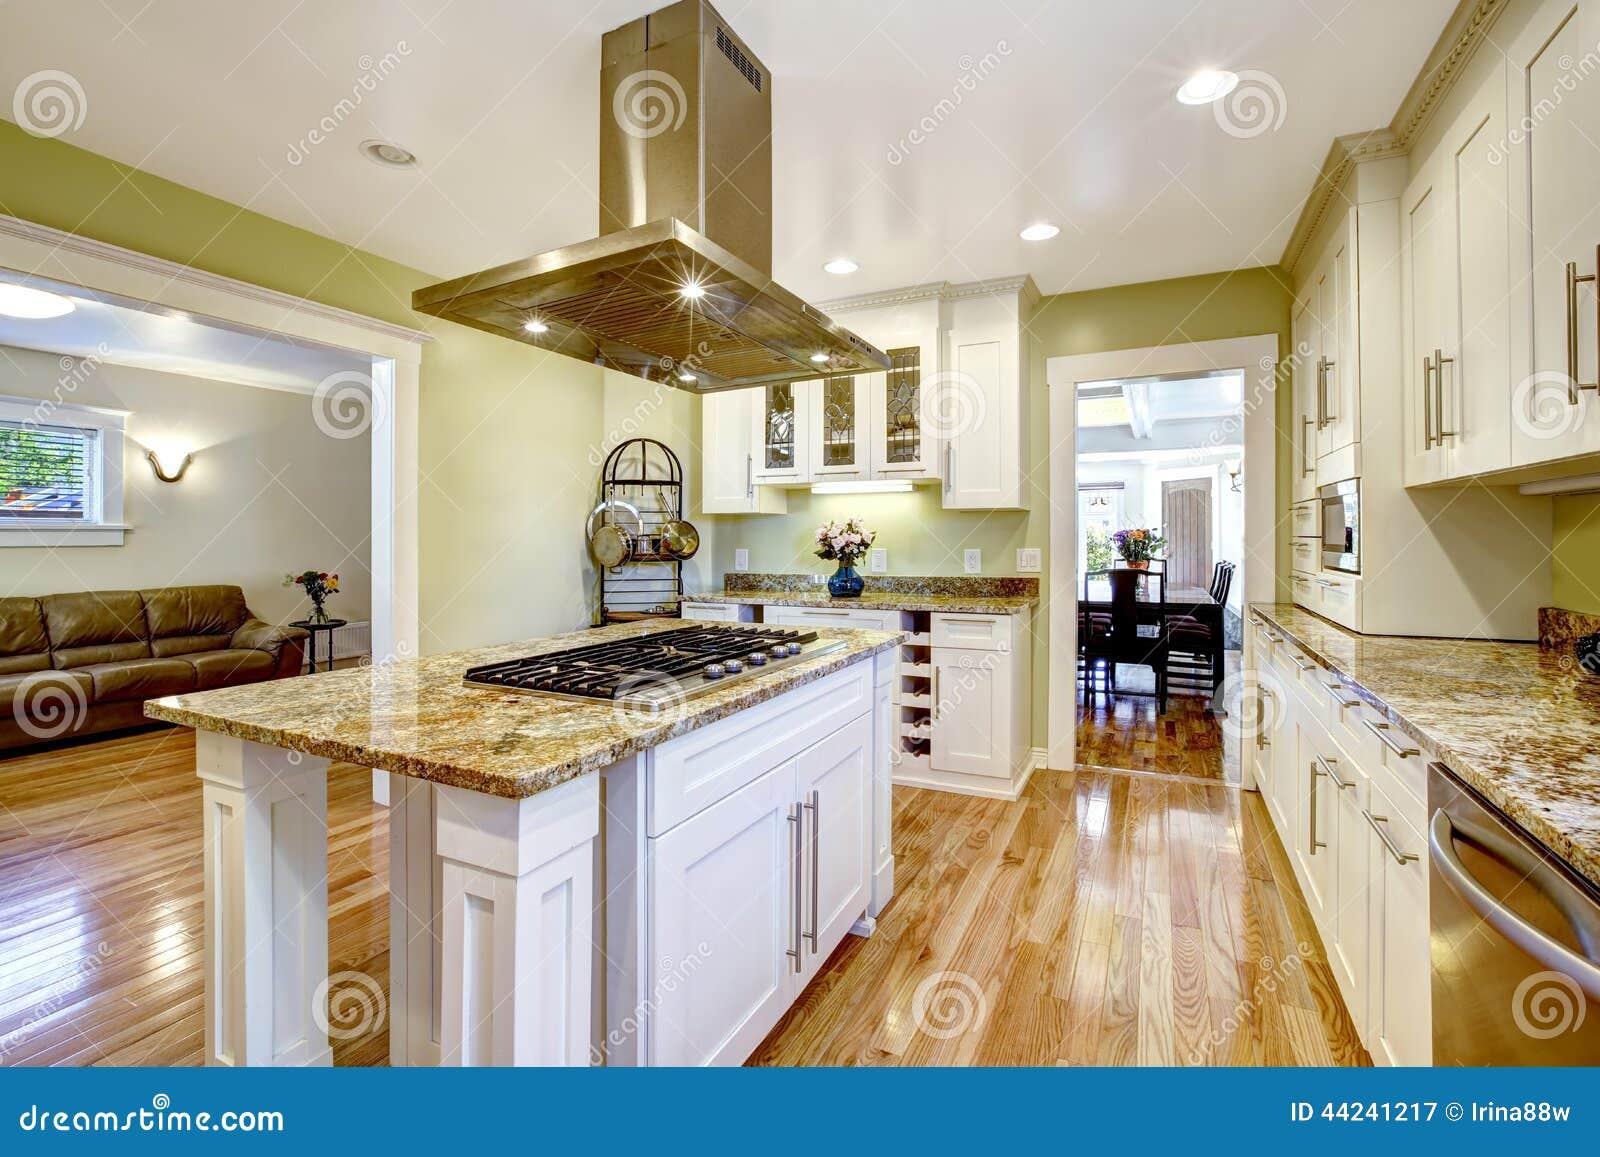 Ilha De Cozinha Com Fog O Incorporado Parte Superior Do Granito E